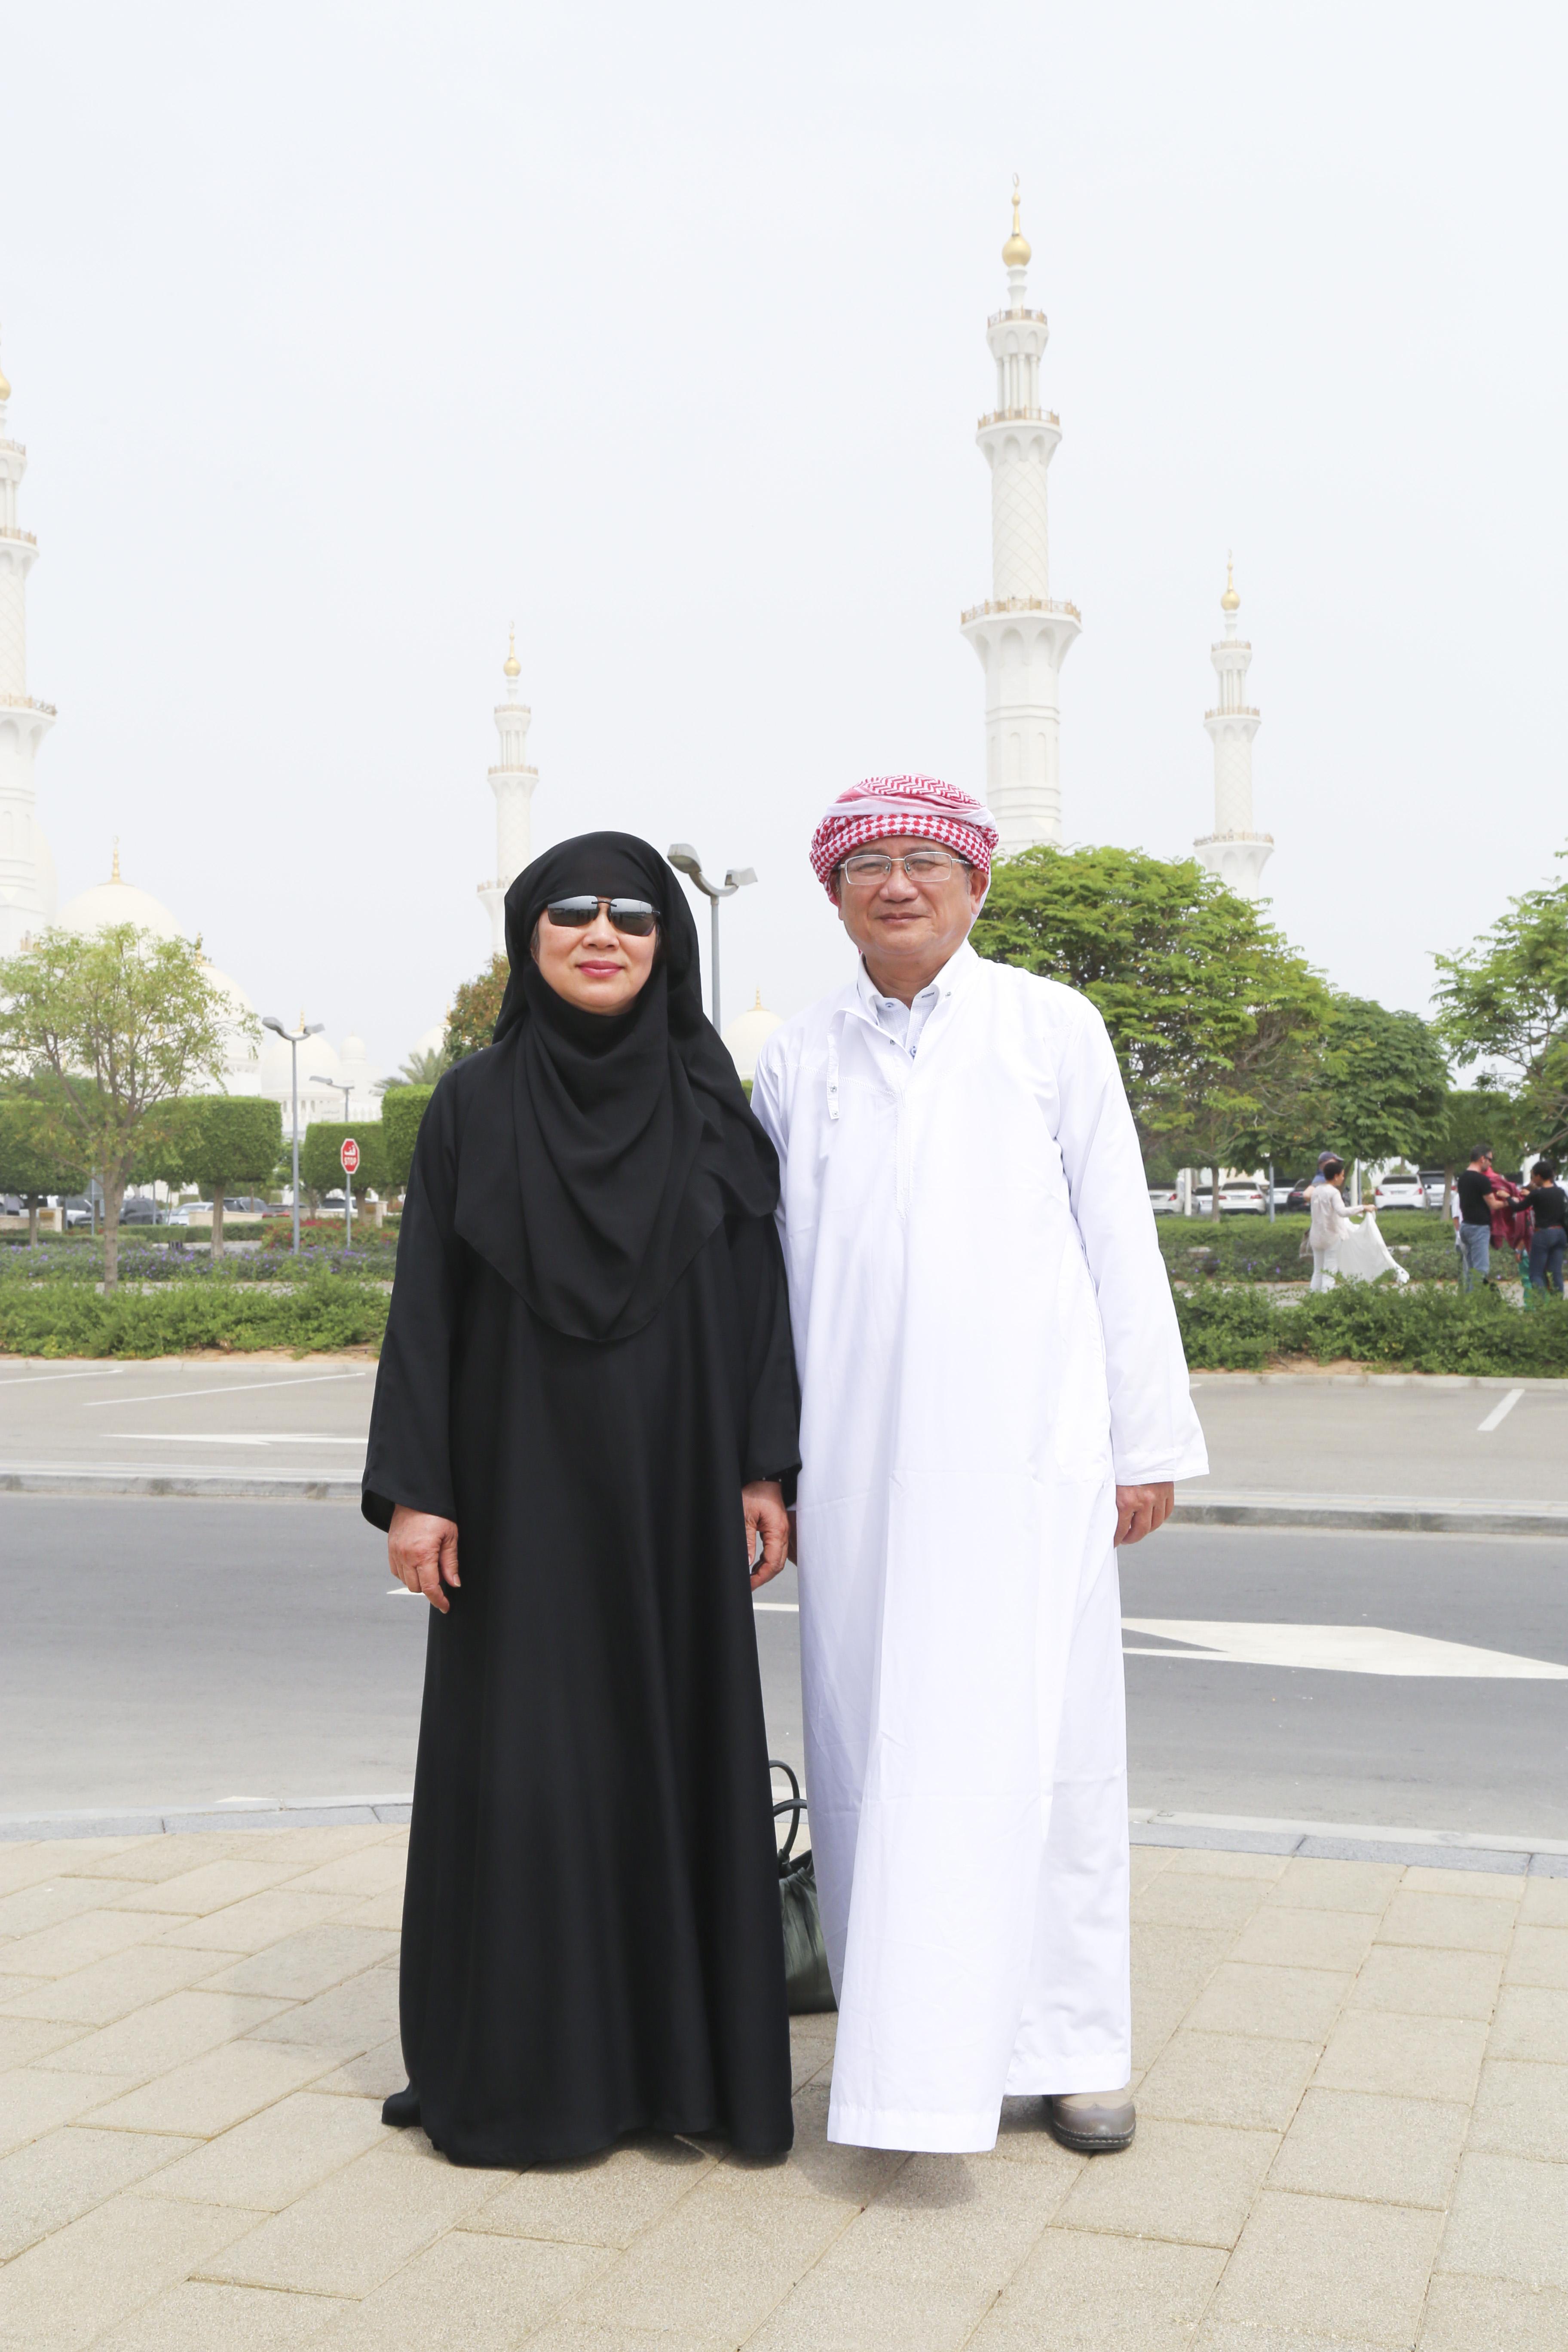 Lịch trình trong ngày thứ 3, đoàn FPT sẽ cùng tới thăm Khu Đảo cọ, Khách sạn Buri Al Arab và khu Triển lãm thảm.